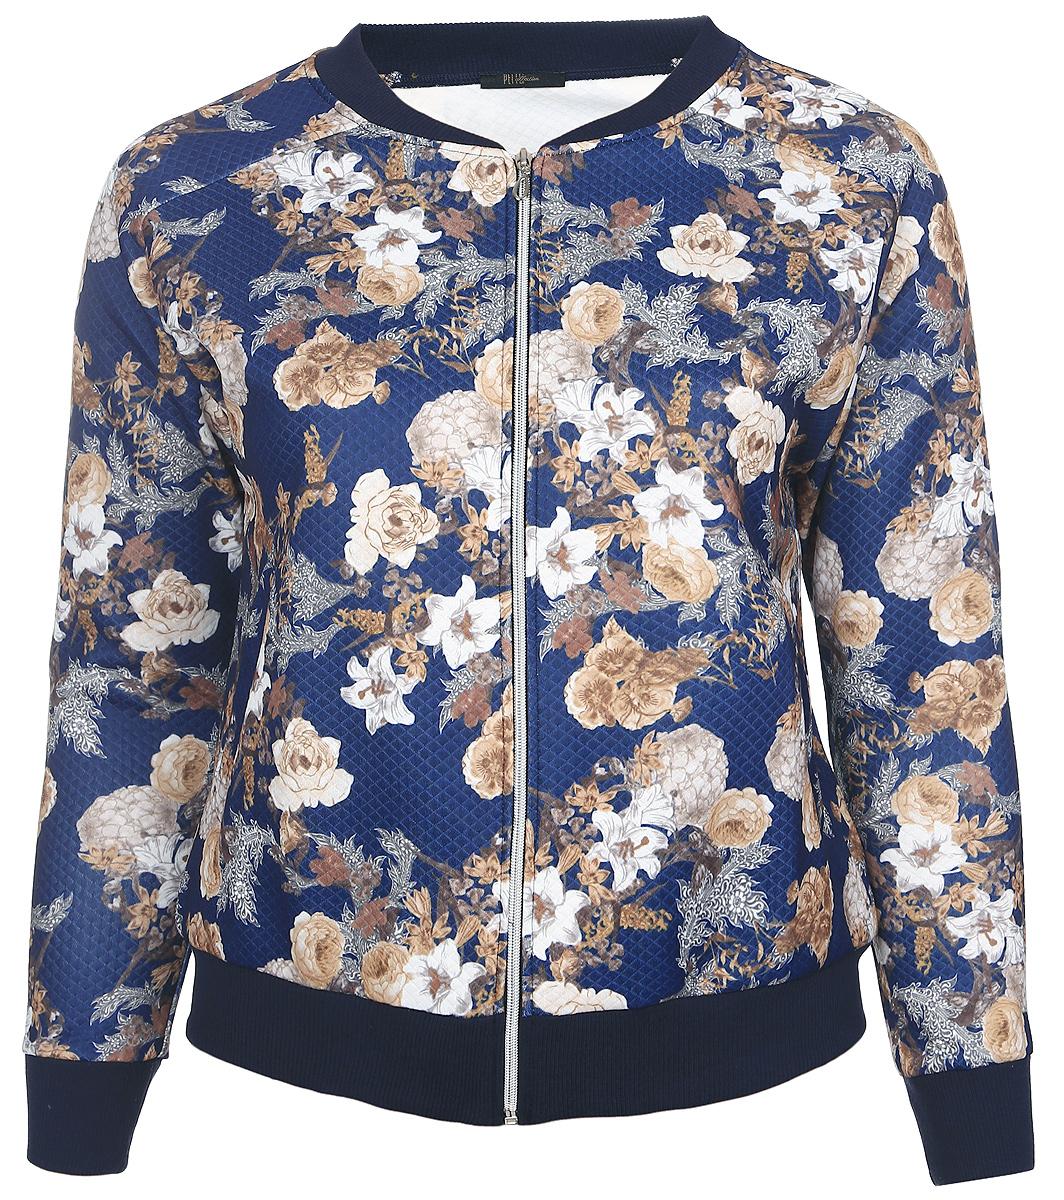 Куртка женская Pettli Collection, цвет: синий, белый, бежевый. 91645. Размер 5091645Легкая женская куртка Pettli Collection изготовлена из качественного полиэстера. Модель с небольшим воротником-стойка и длинными рукавами-реглан застегивается спереди на застежку молнию. Воротник, низ изделия и рукава дополнены трикотажными резинками. Куртка имеет по бокам два прорезных кармана. Оформлена модель цветочным принтом.